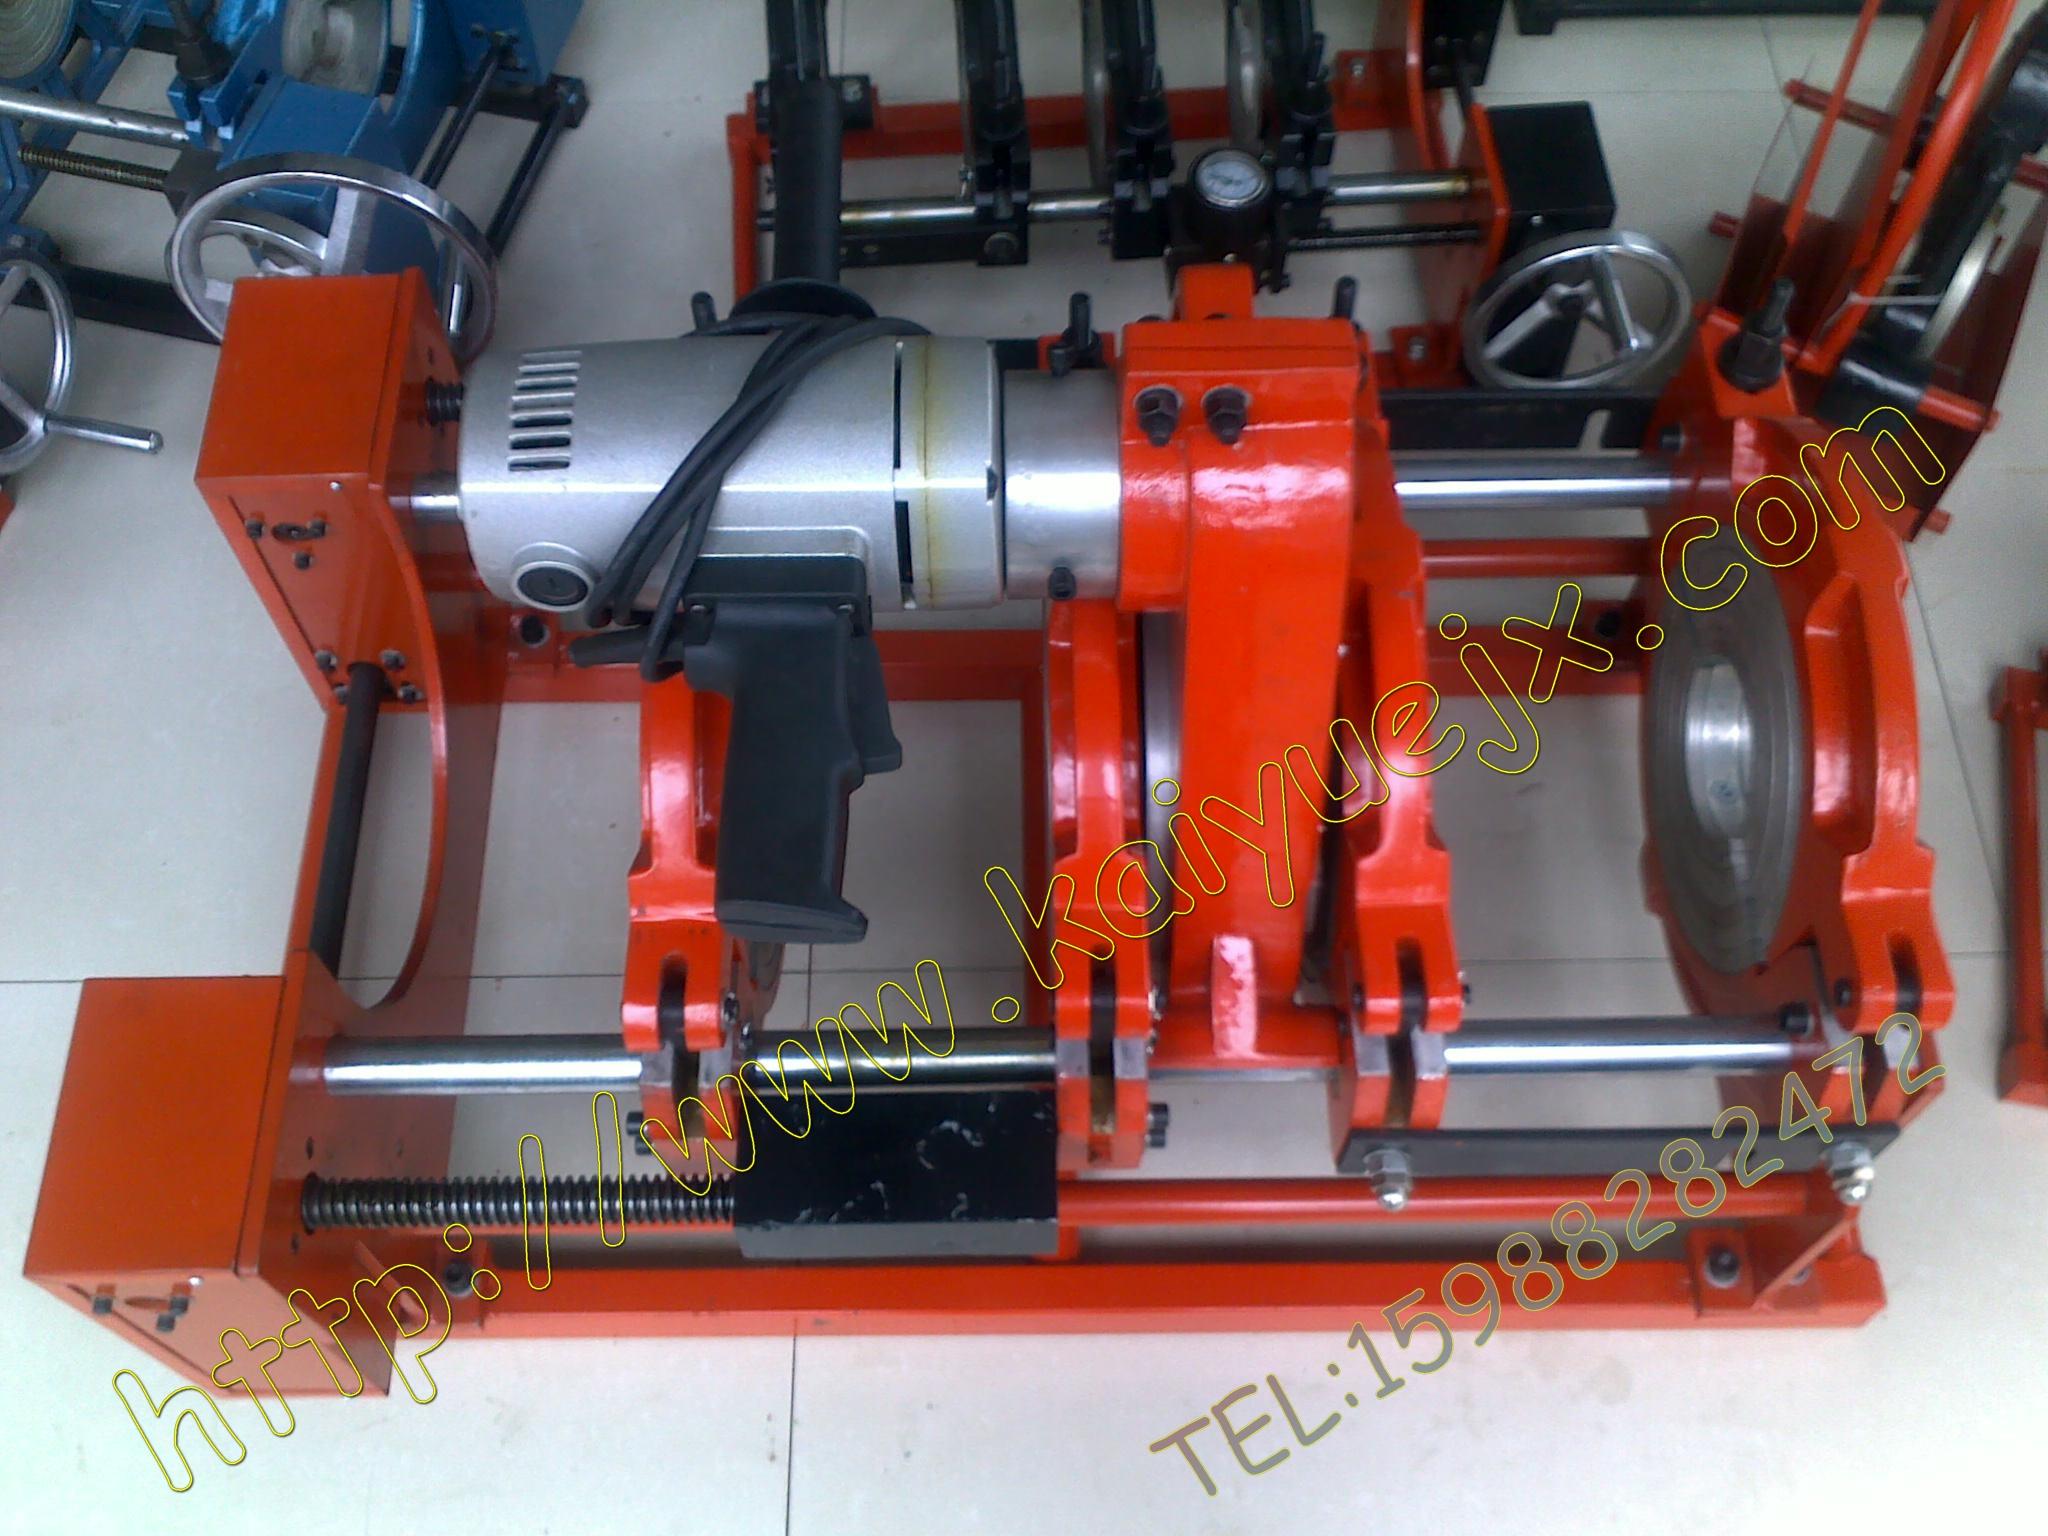 诸暨市凯悦(雅)机械配件厂是国内具有实力的专业生产制造液压管件和软管接头以及生产经营PP-R、PE、PE-RT熔接器、对焊接机、试压泵、PP-R剪刀的生产厂家之一。工厂的经营范围涉及液压管件系统的各个领域。其主要包括各种材质,各种压力级别,各种尺寸标准的液压软管、软管接头等。它们广泛应用于机械、冶金、石油、矿山、建筑、化工、船舶、航天、军事等行业的液压及流体输送系统中。  工厂拥有一批高素质、高科.